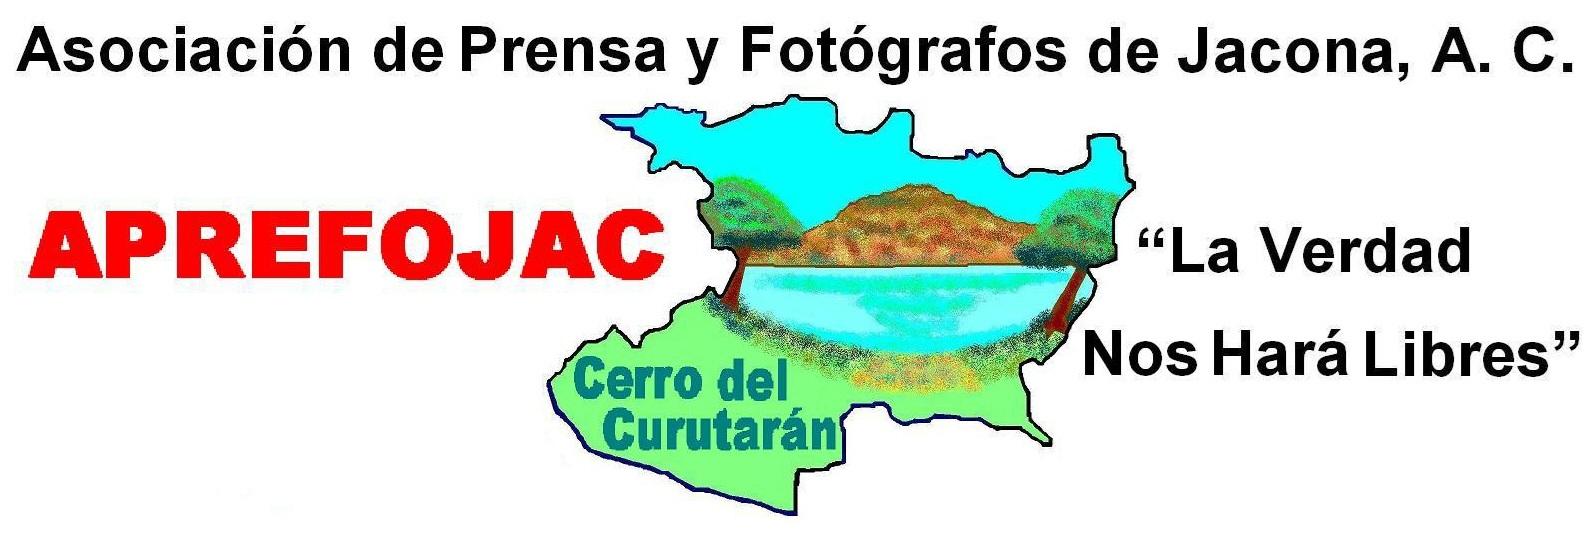 Asociación de Prensa y Fotógrafos de Jacona, A. C., APREFOJAC.